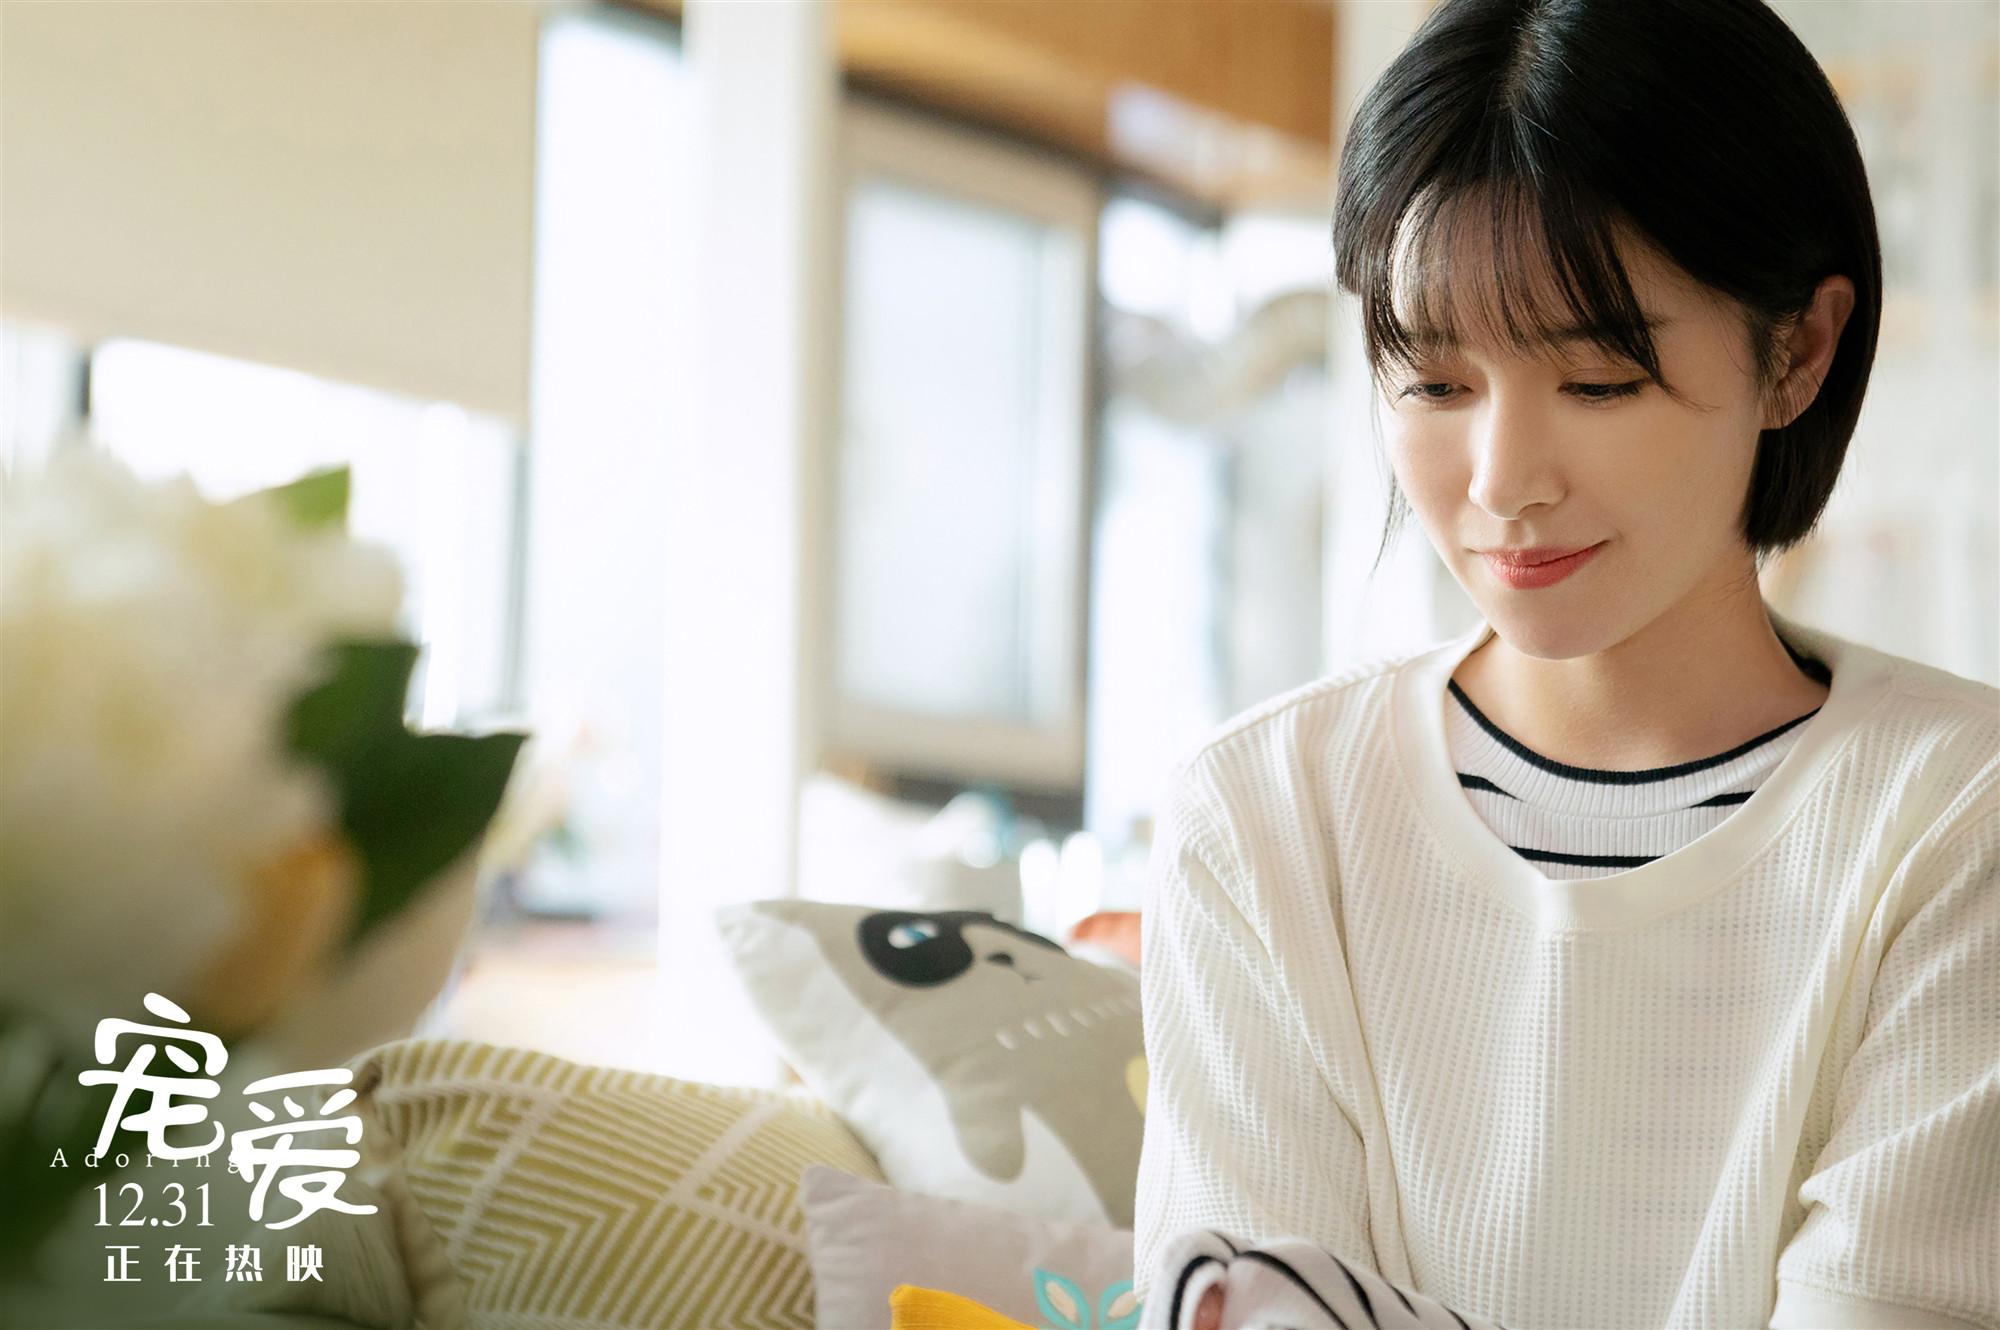 电影《宠爱》今日上映 阚清子化身漫画宅女上演勇敢追爱